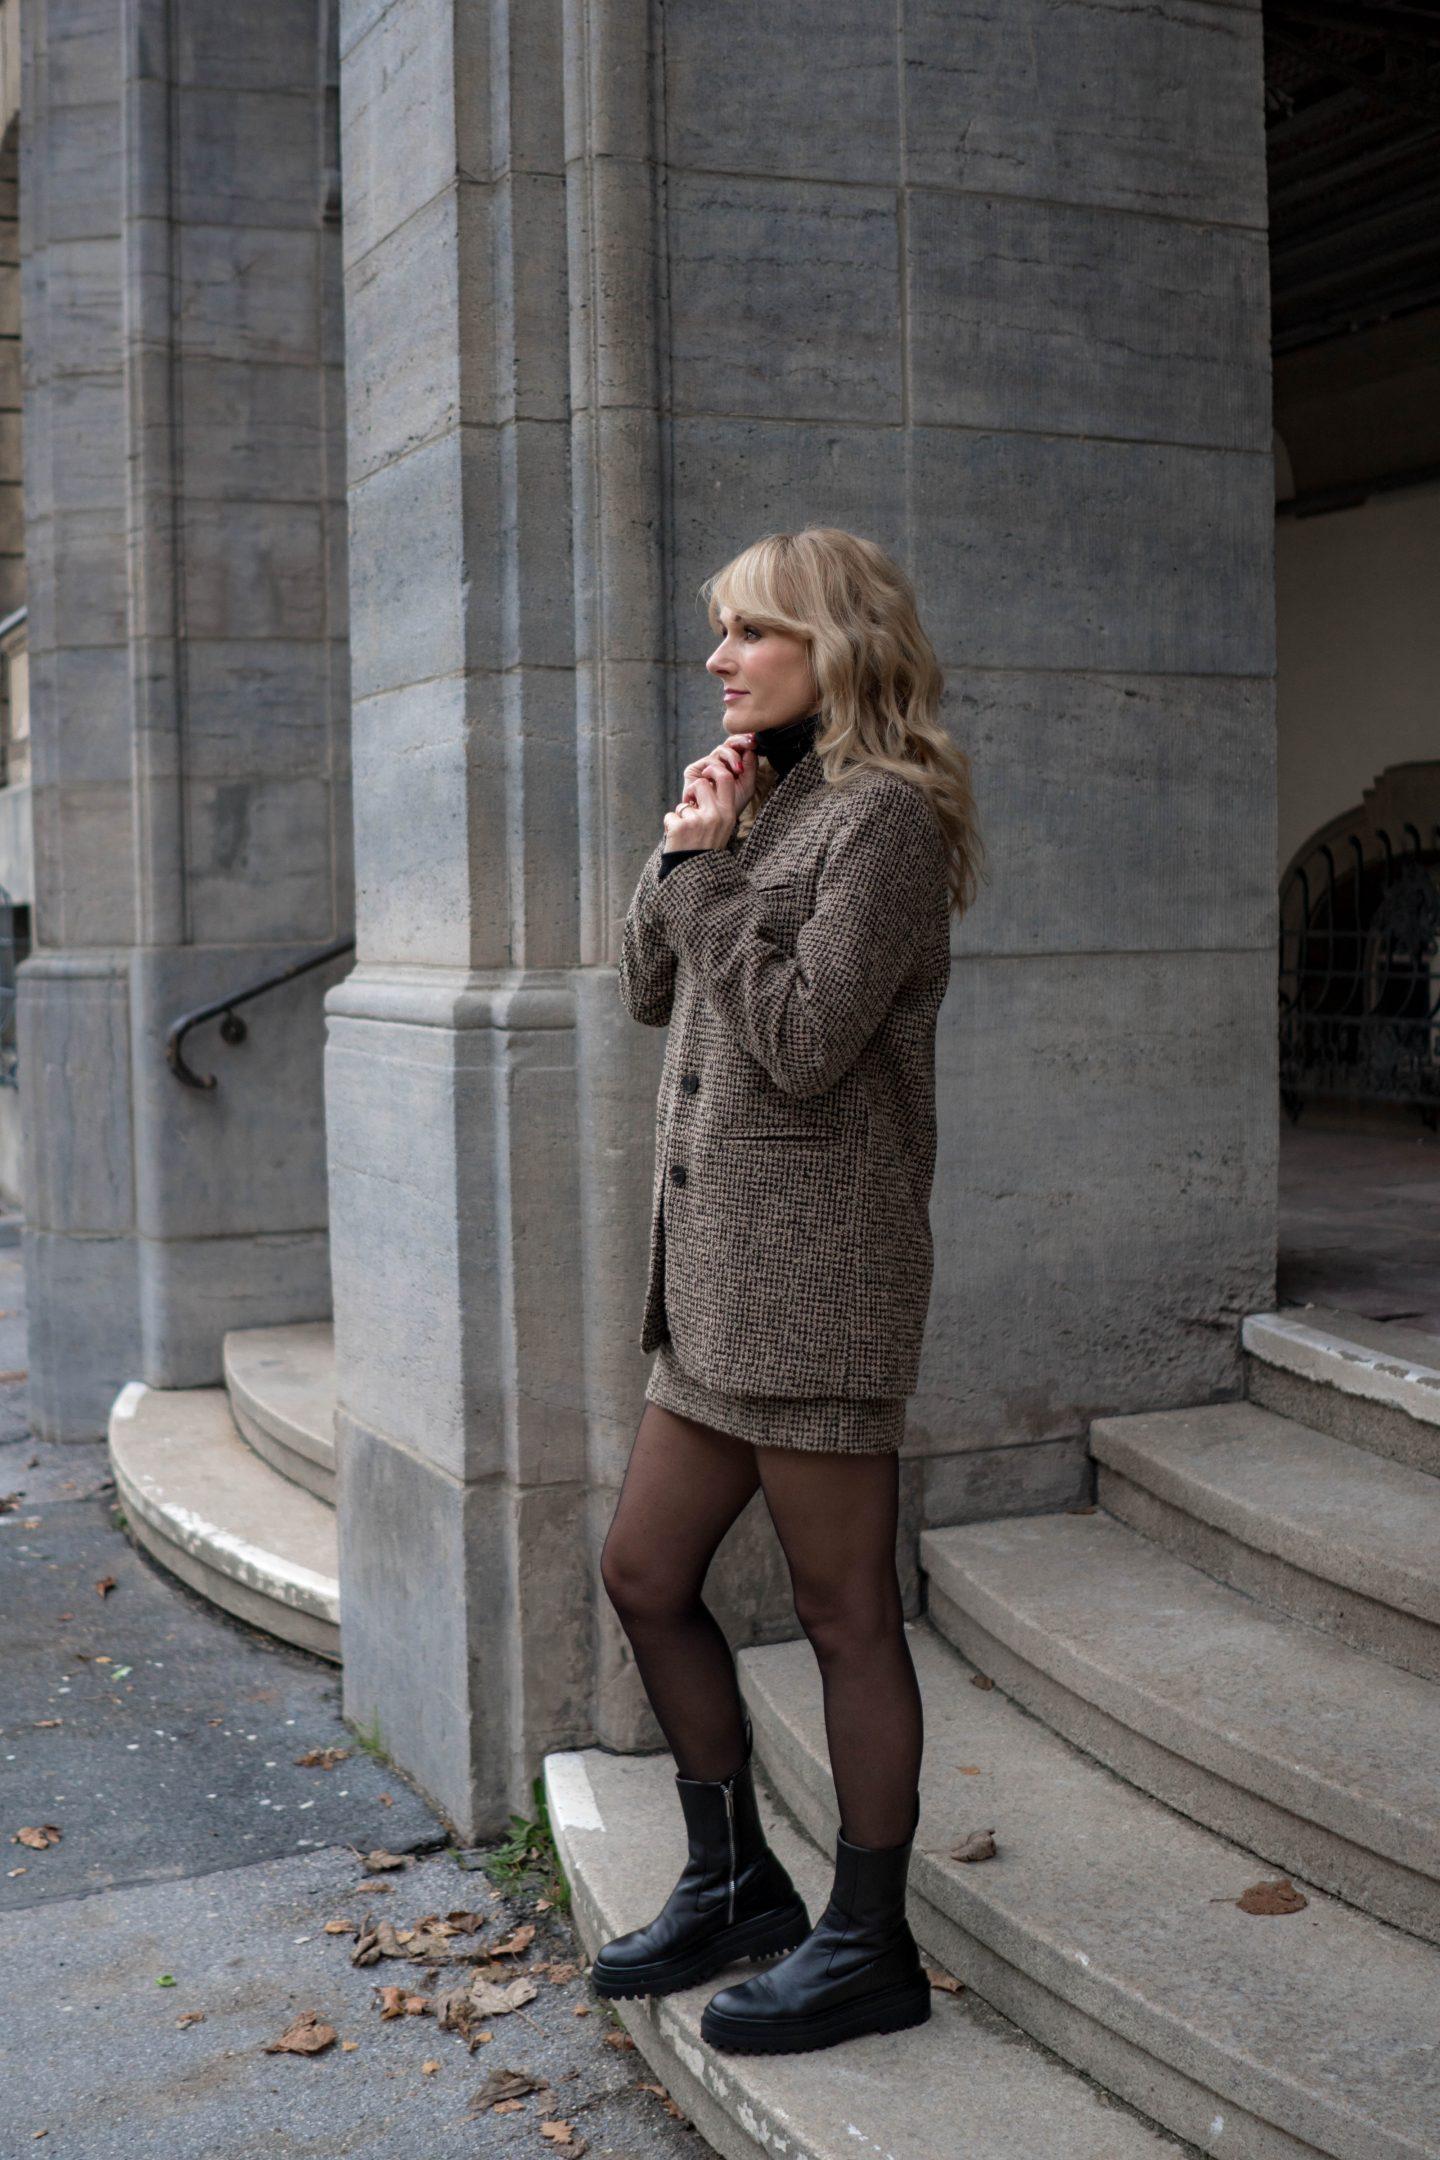 Klobige Chelsea Stiefeletten wie Balenciaga von Zara - Nowshine Fashion Blog über 40